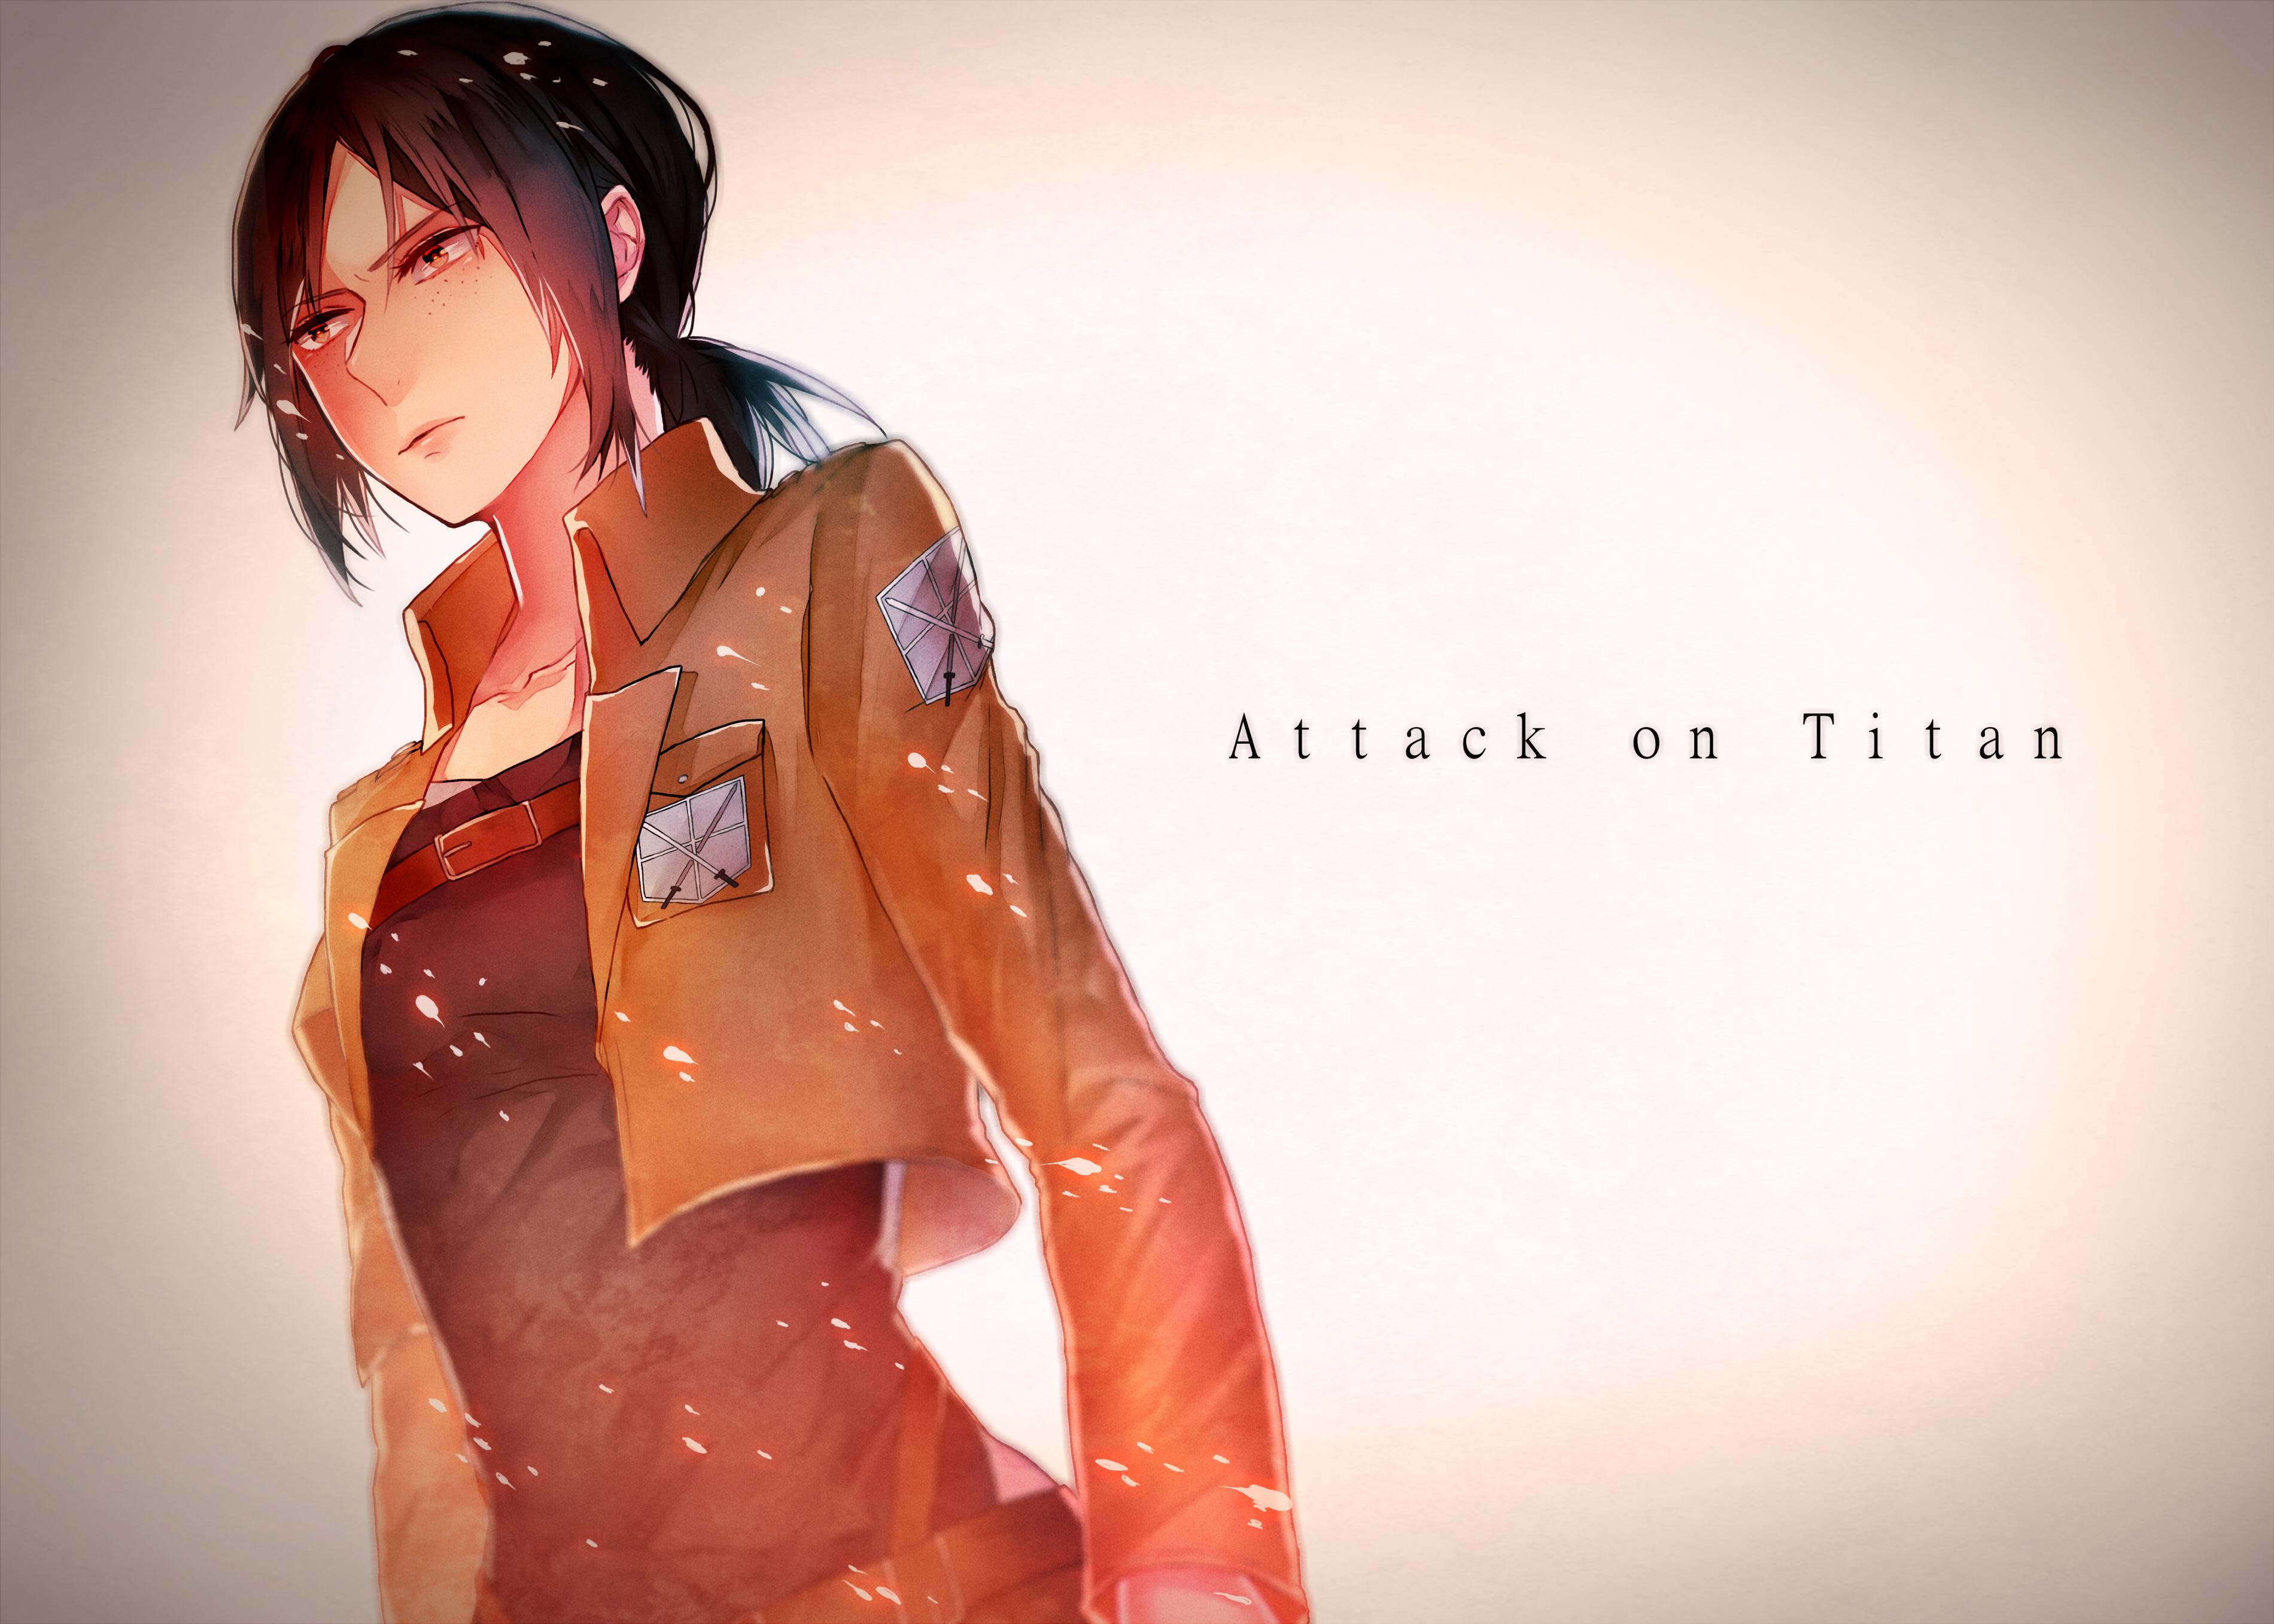 Ymir Attack On Titan Wallpaper Resolution 3800x2714 Id 1032949 Wallha Com